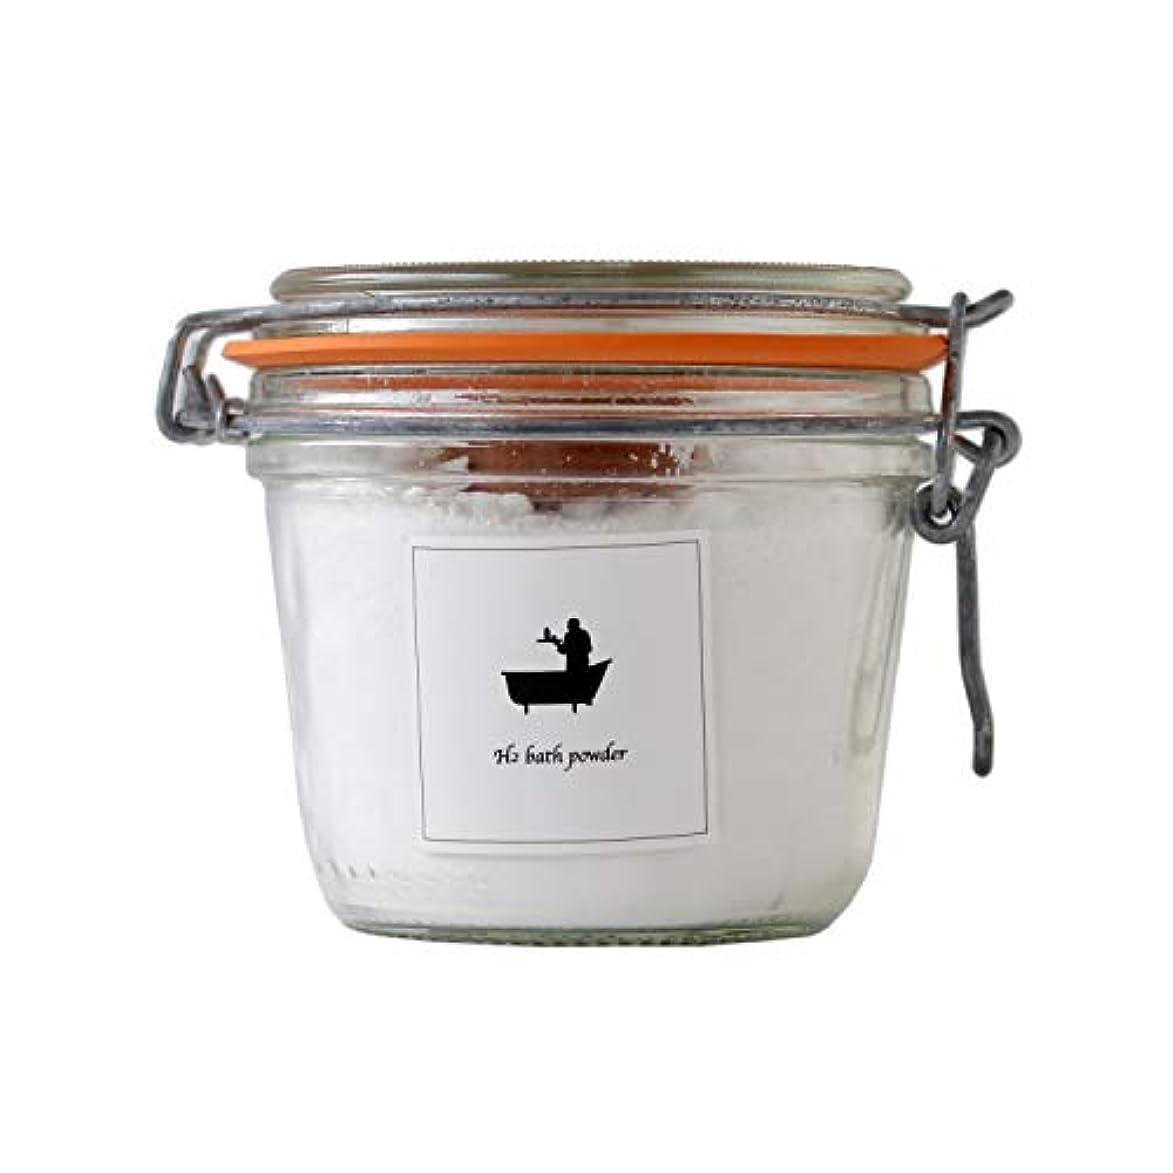 居住者振動させる港水素入浴剤「BATHLIER H2 bath powder」RDモイストバスパウダー/ジャータイプ